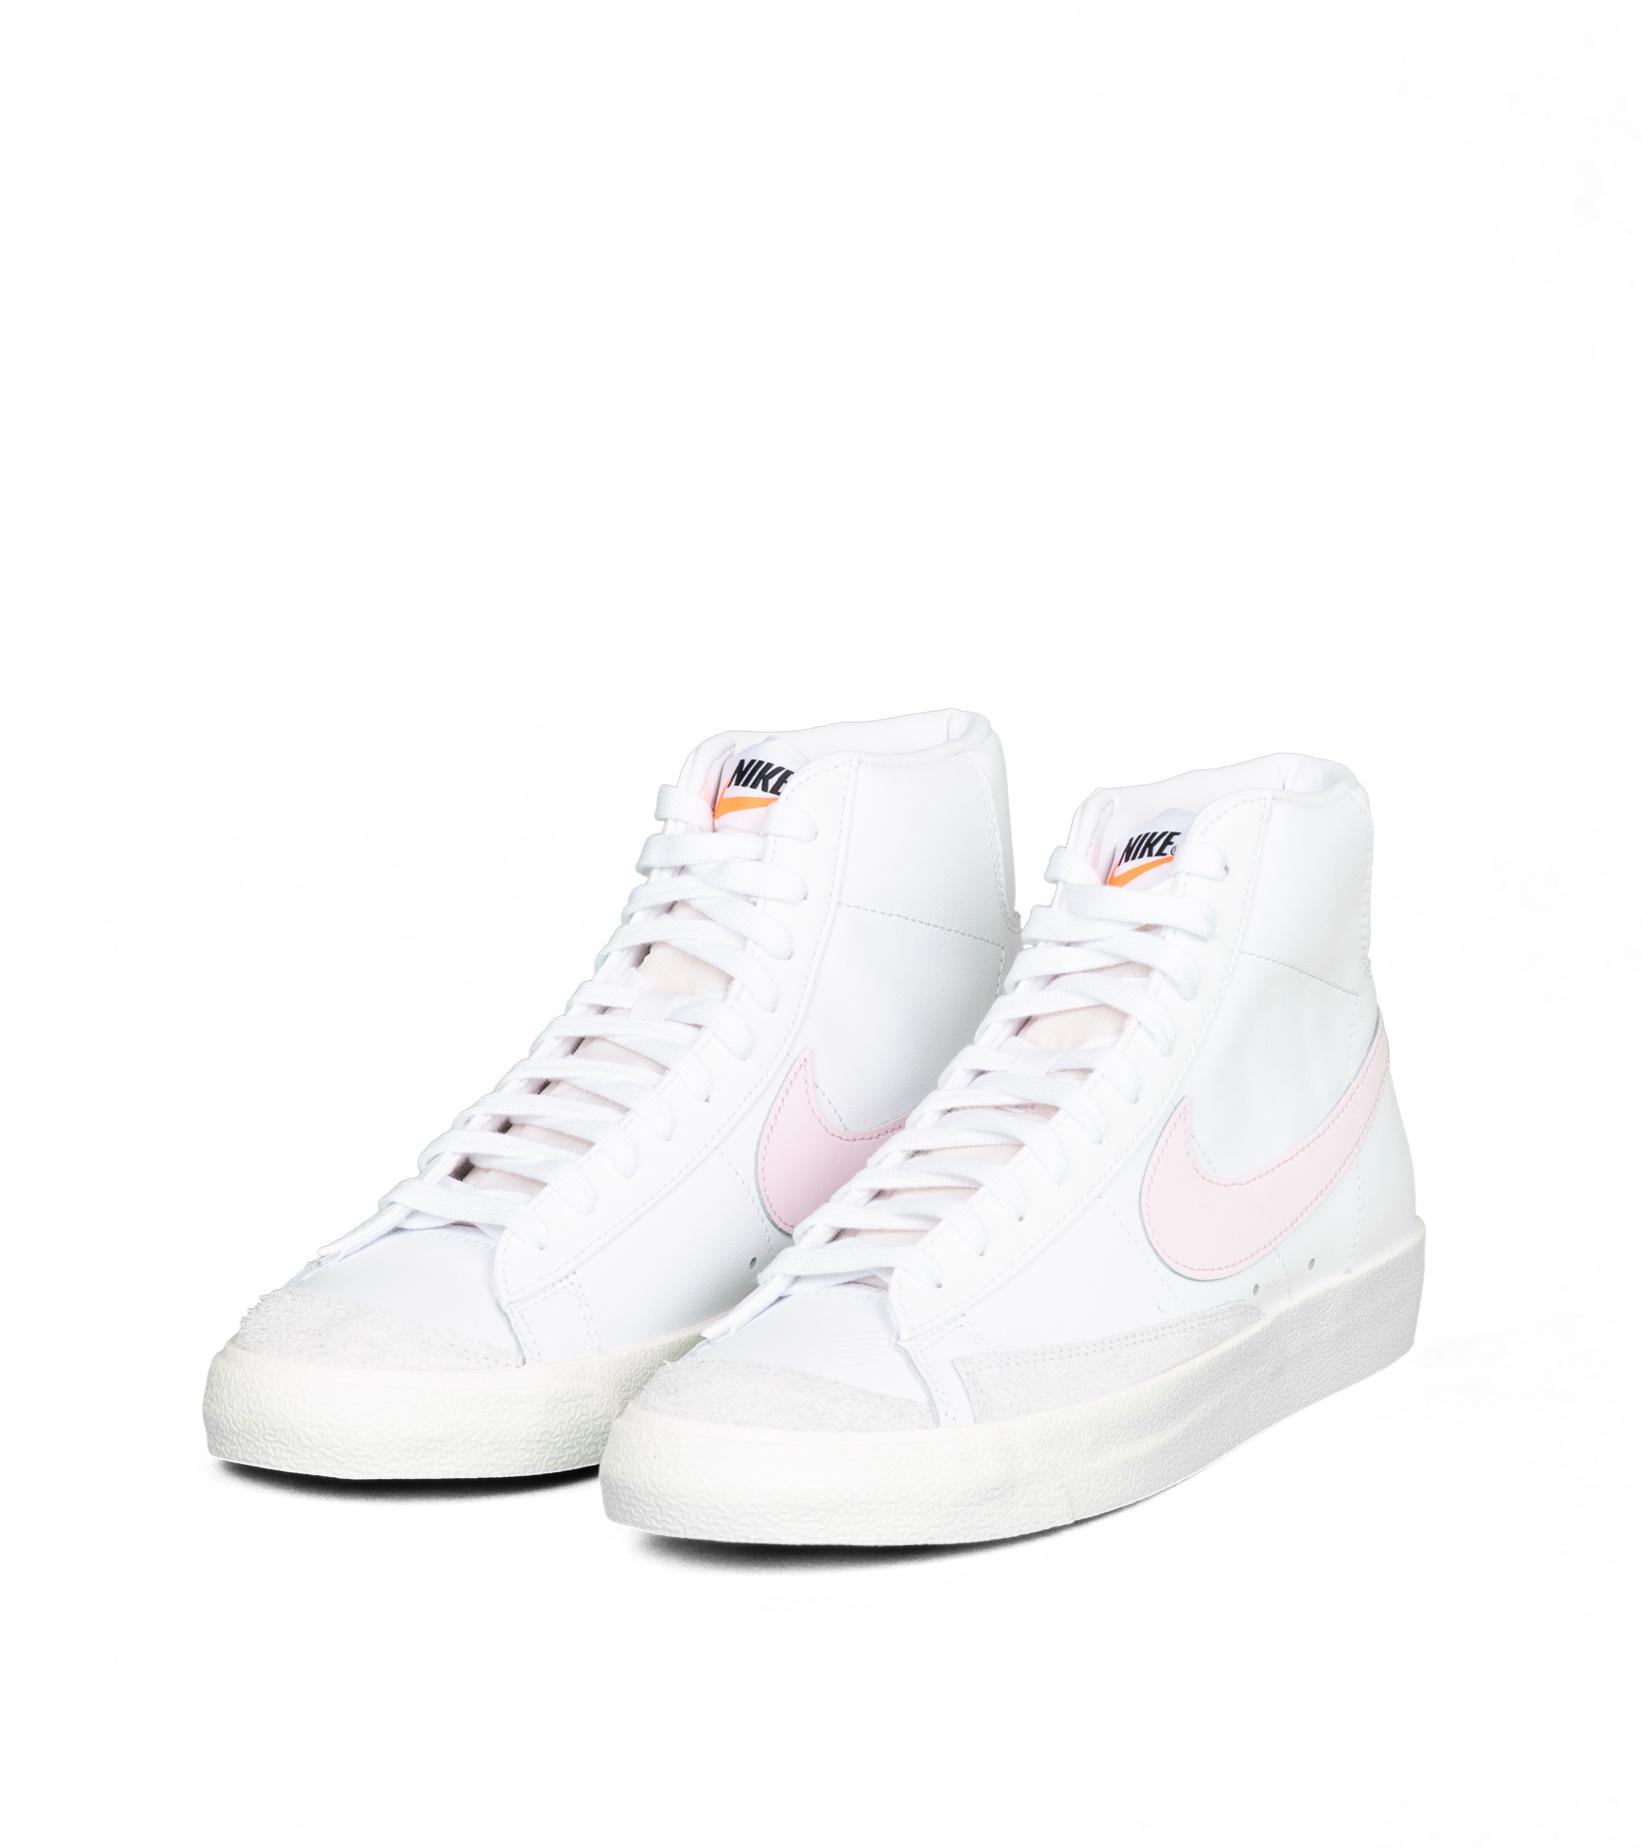 """Blazer Mid '77 Vintage """"White /Pink Foam""""-1"""